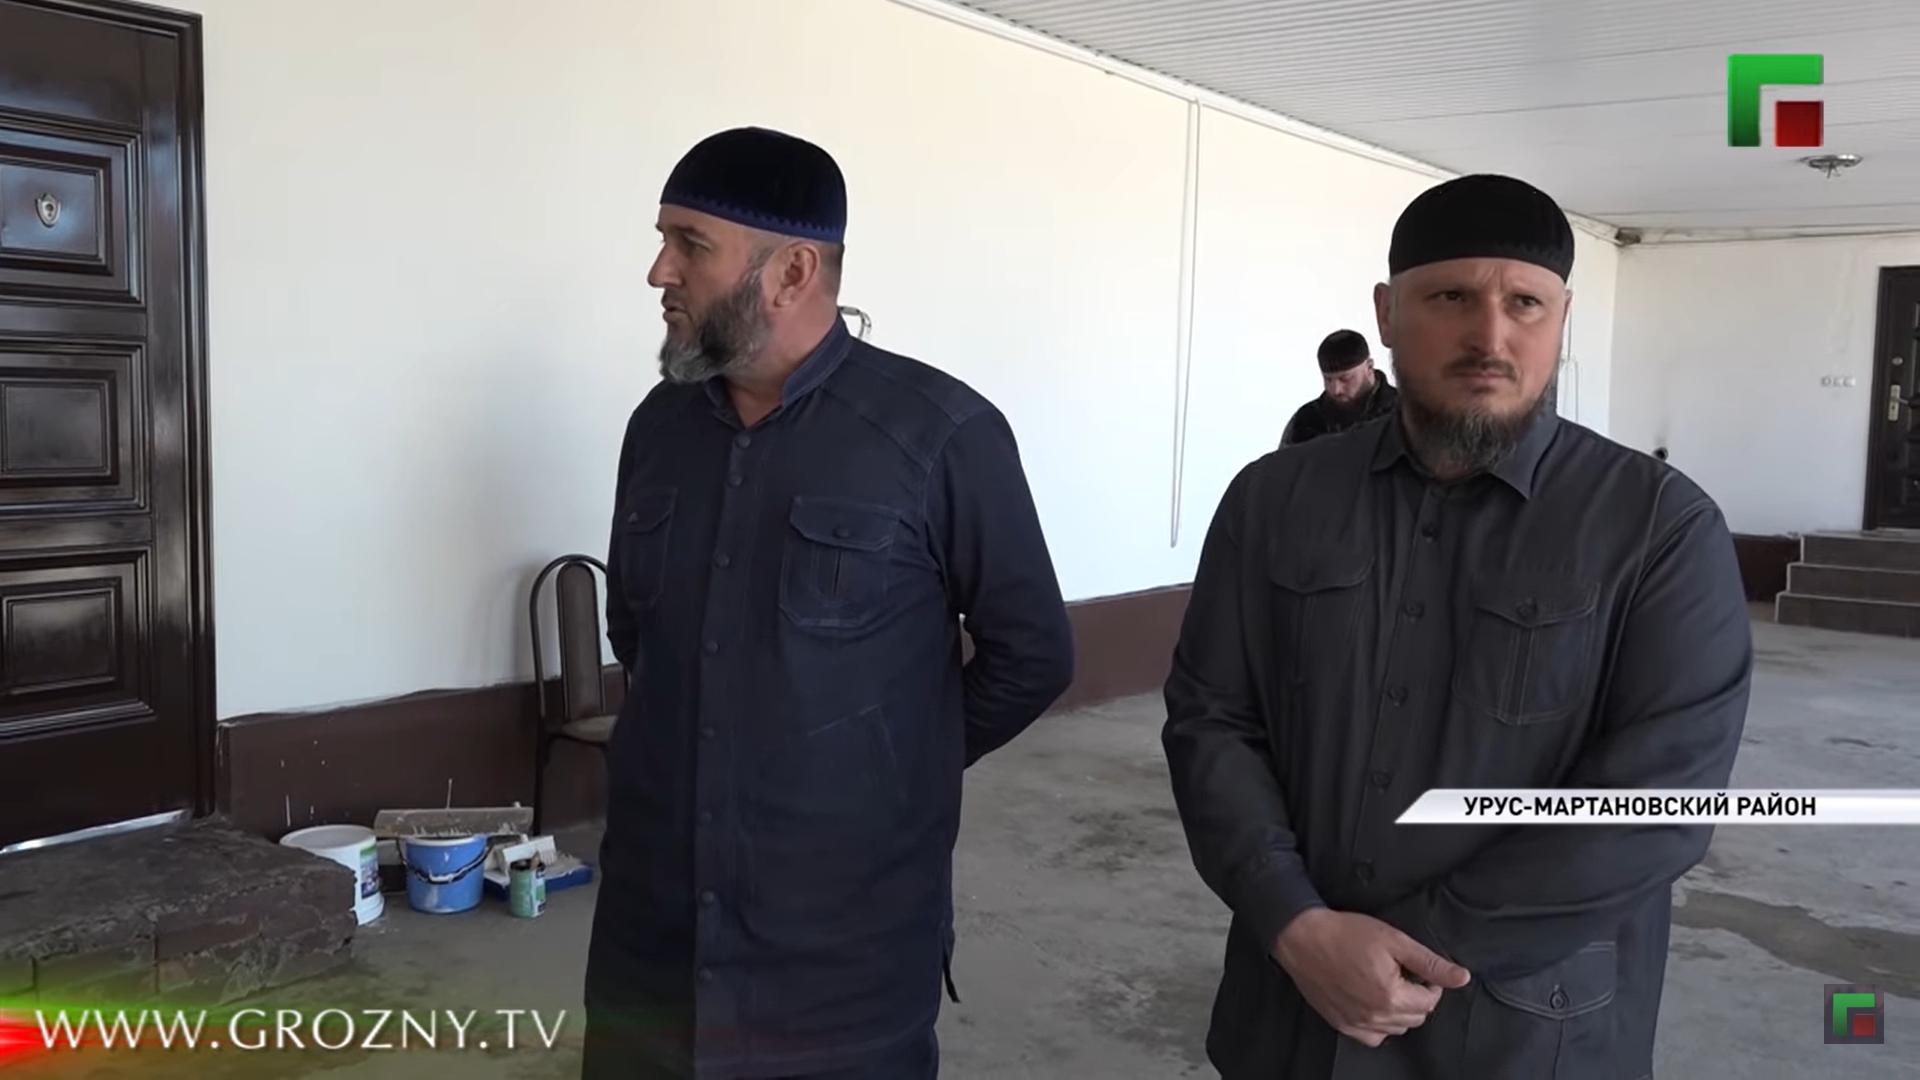 Телеканал в Чечне отчитал женщину за лень и запущенный огород. Она посмела попросить помощи у Кадырова